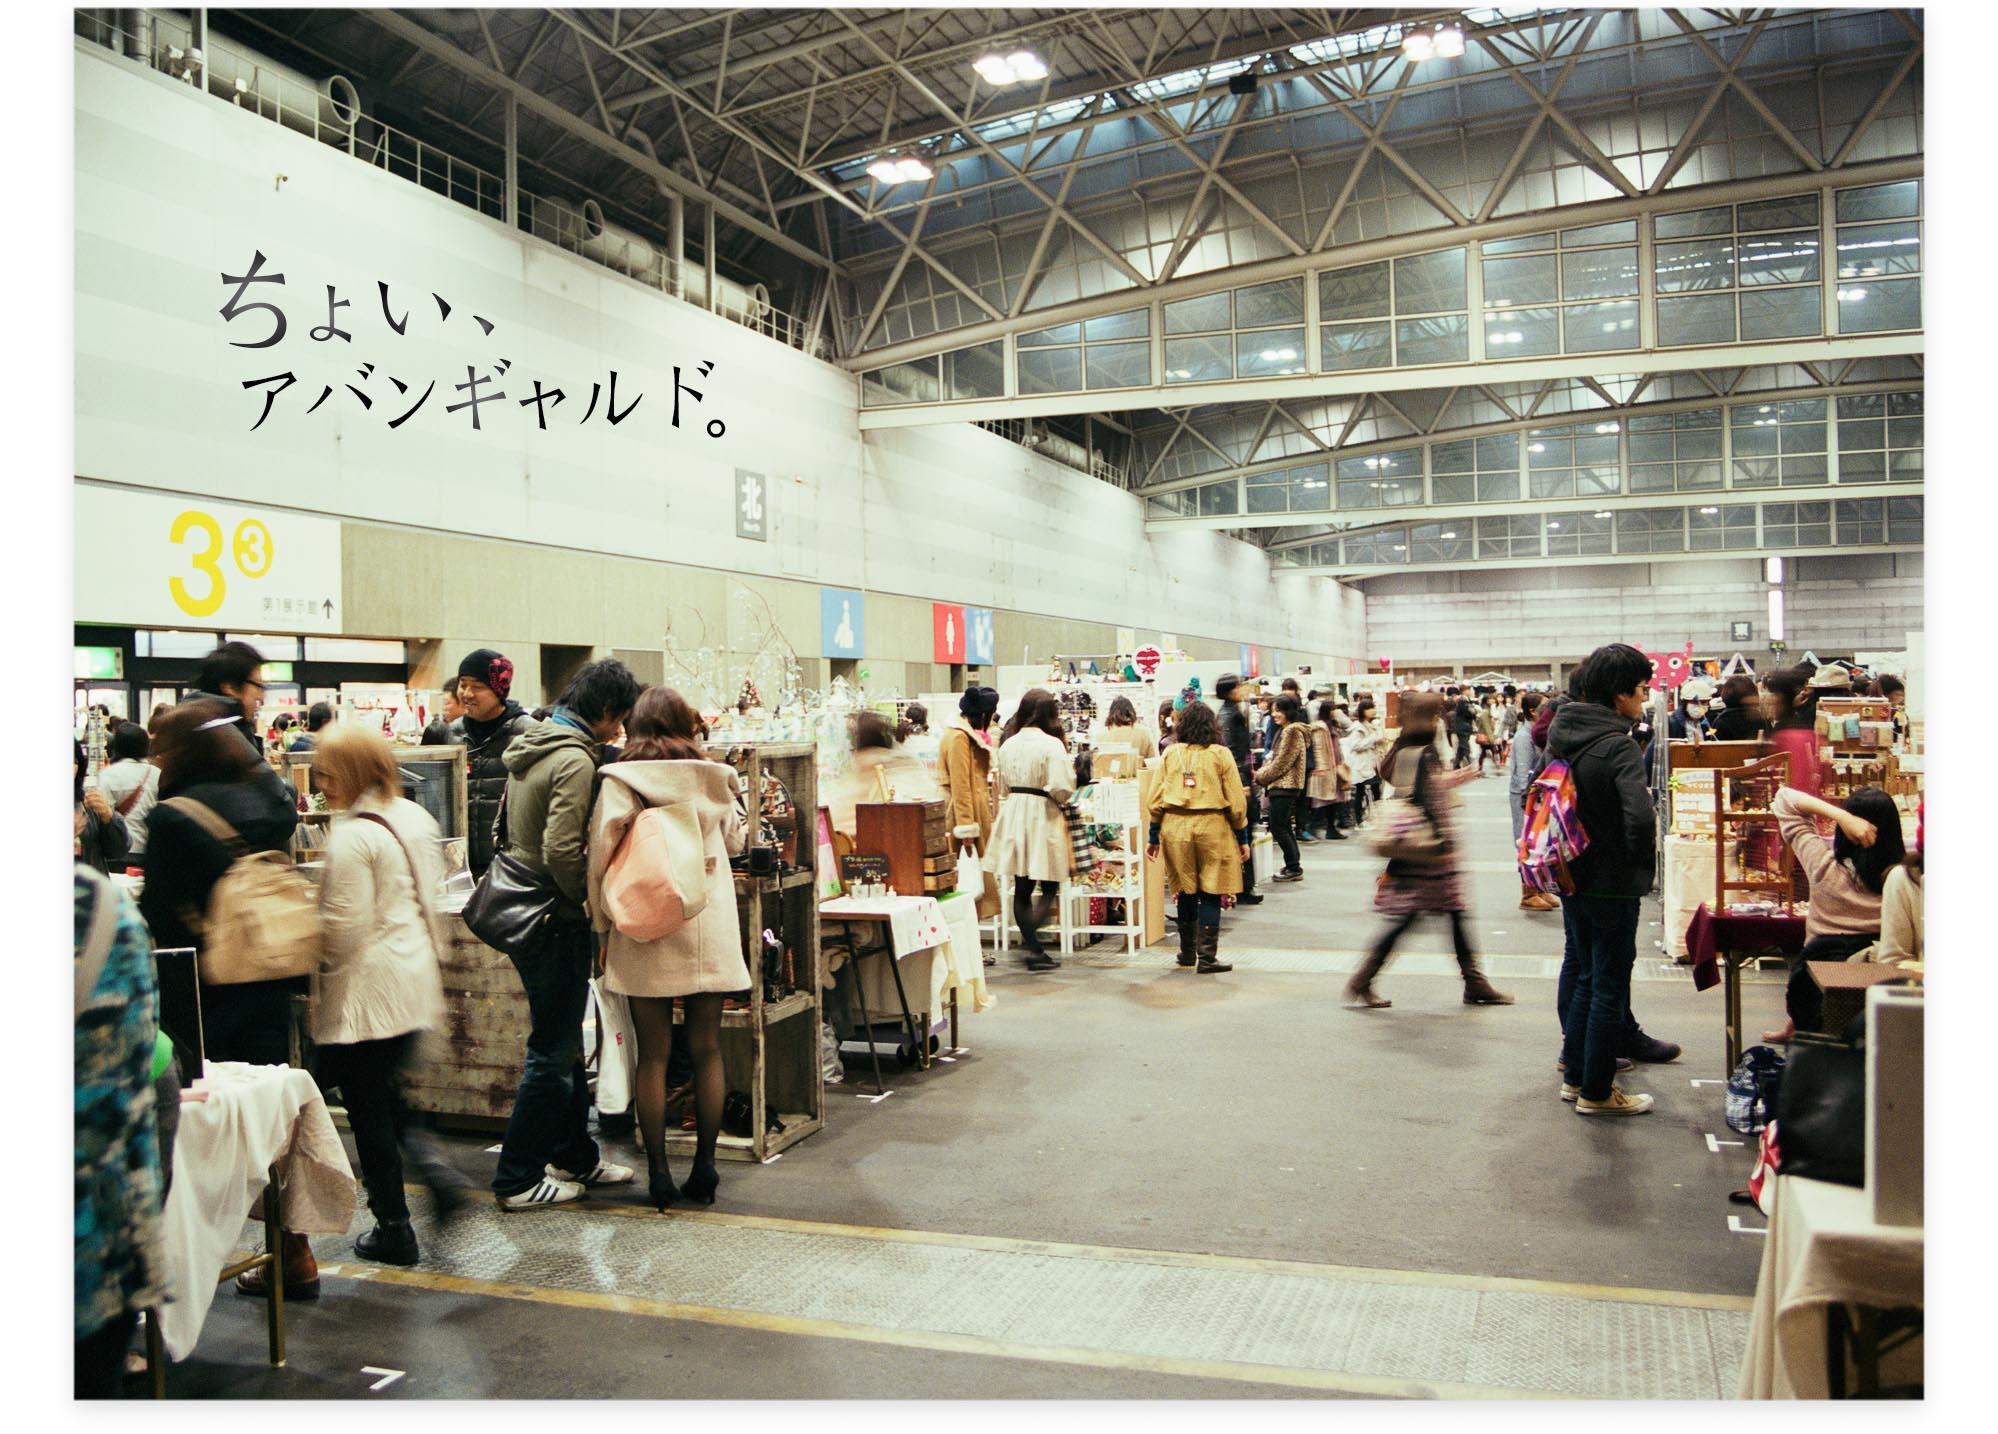 20121208_ちょいアバンギャルドc